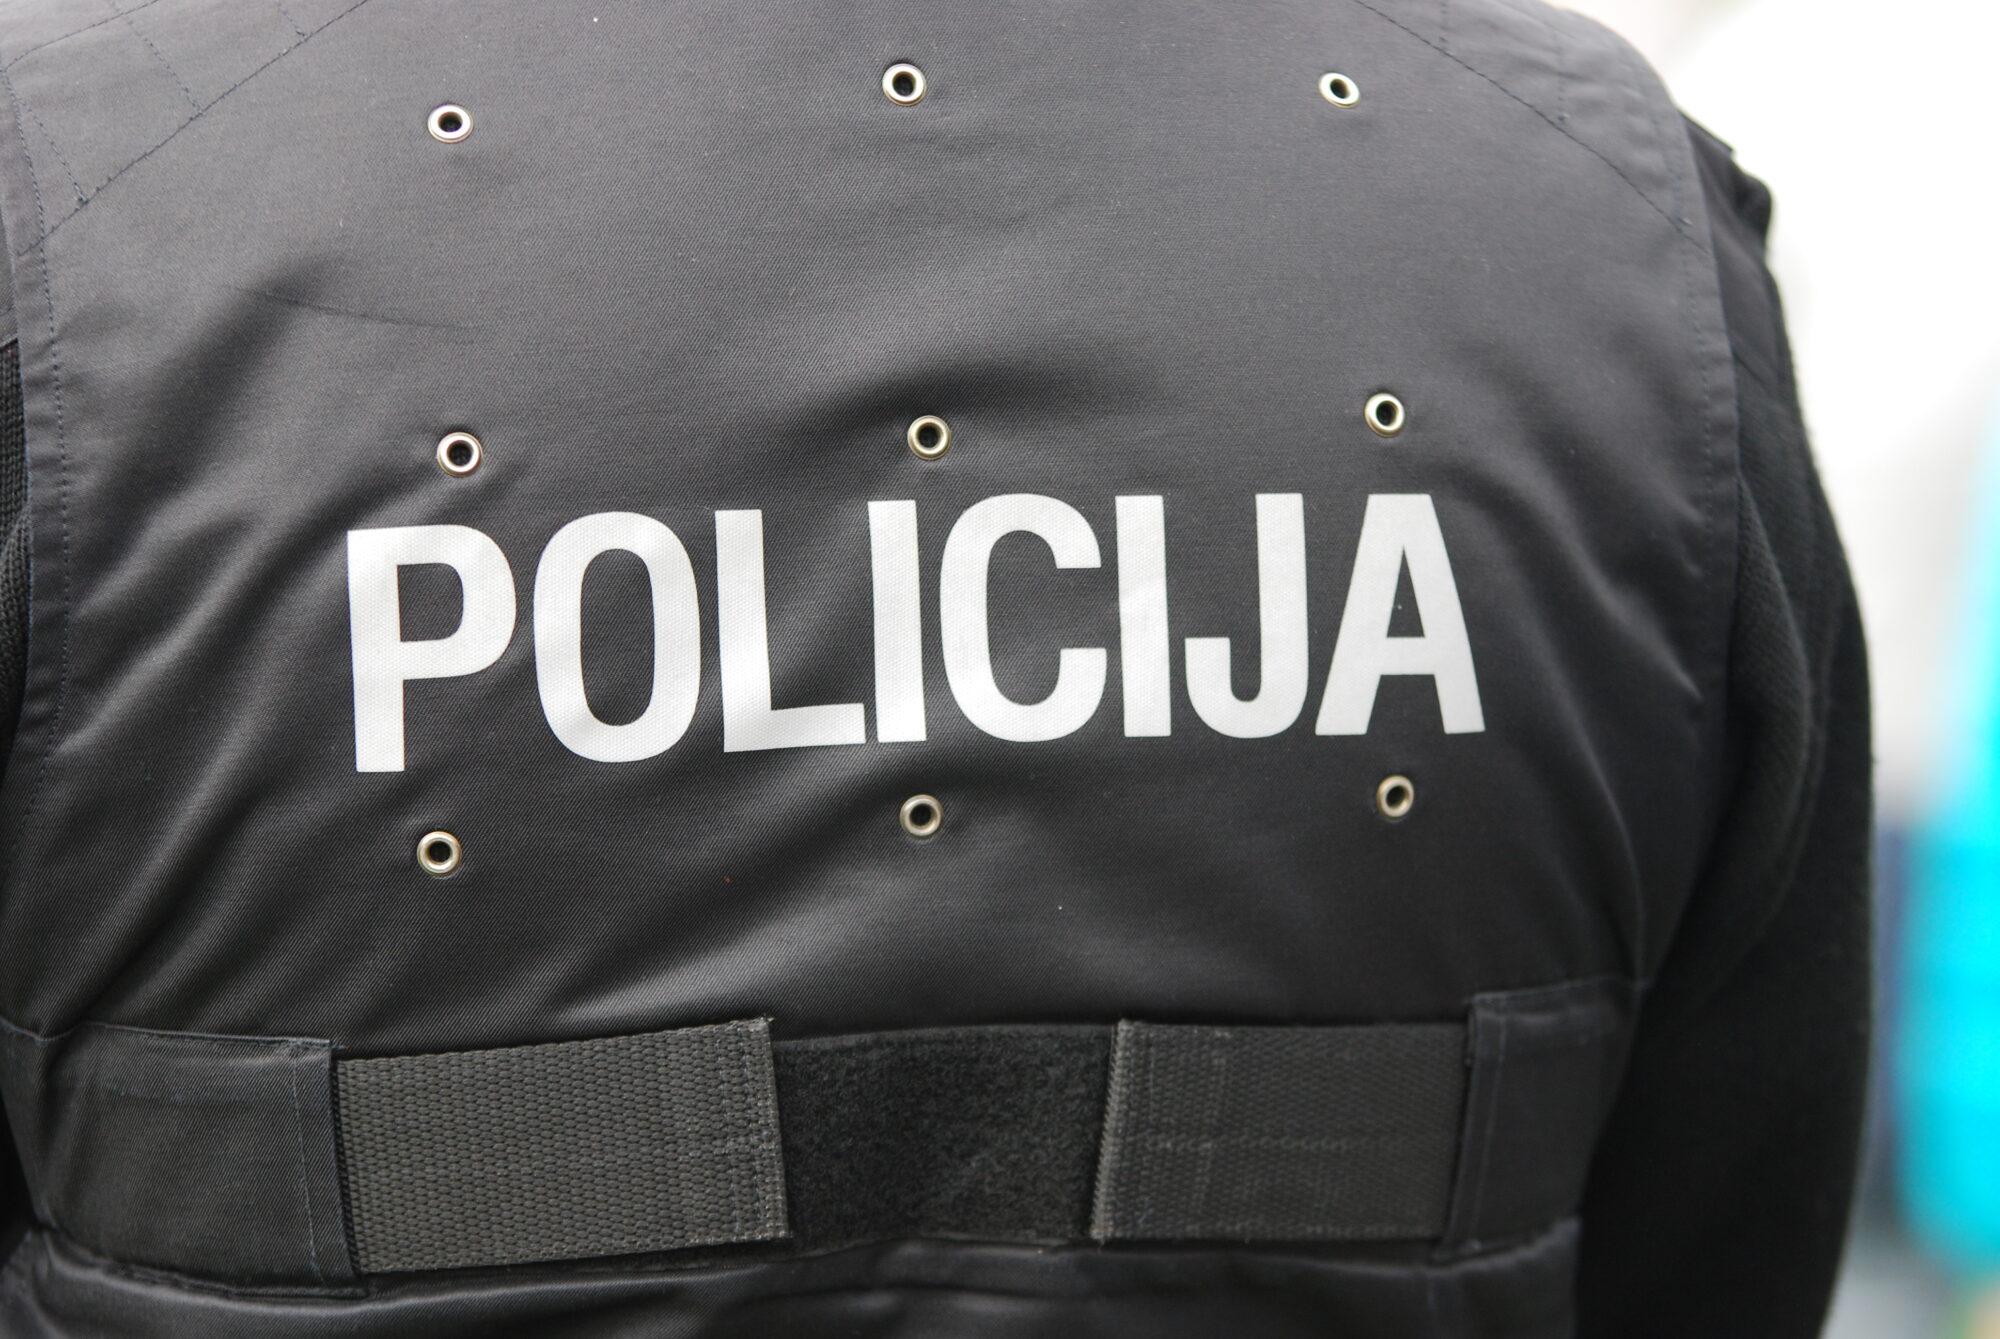 Государственная полиция разыскивает женщину на снимке; личность женщины установлена